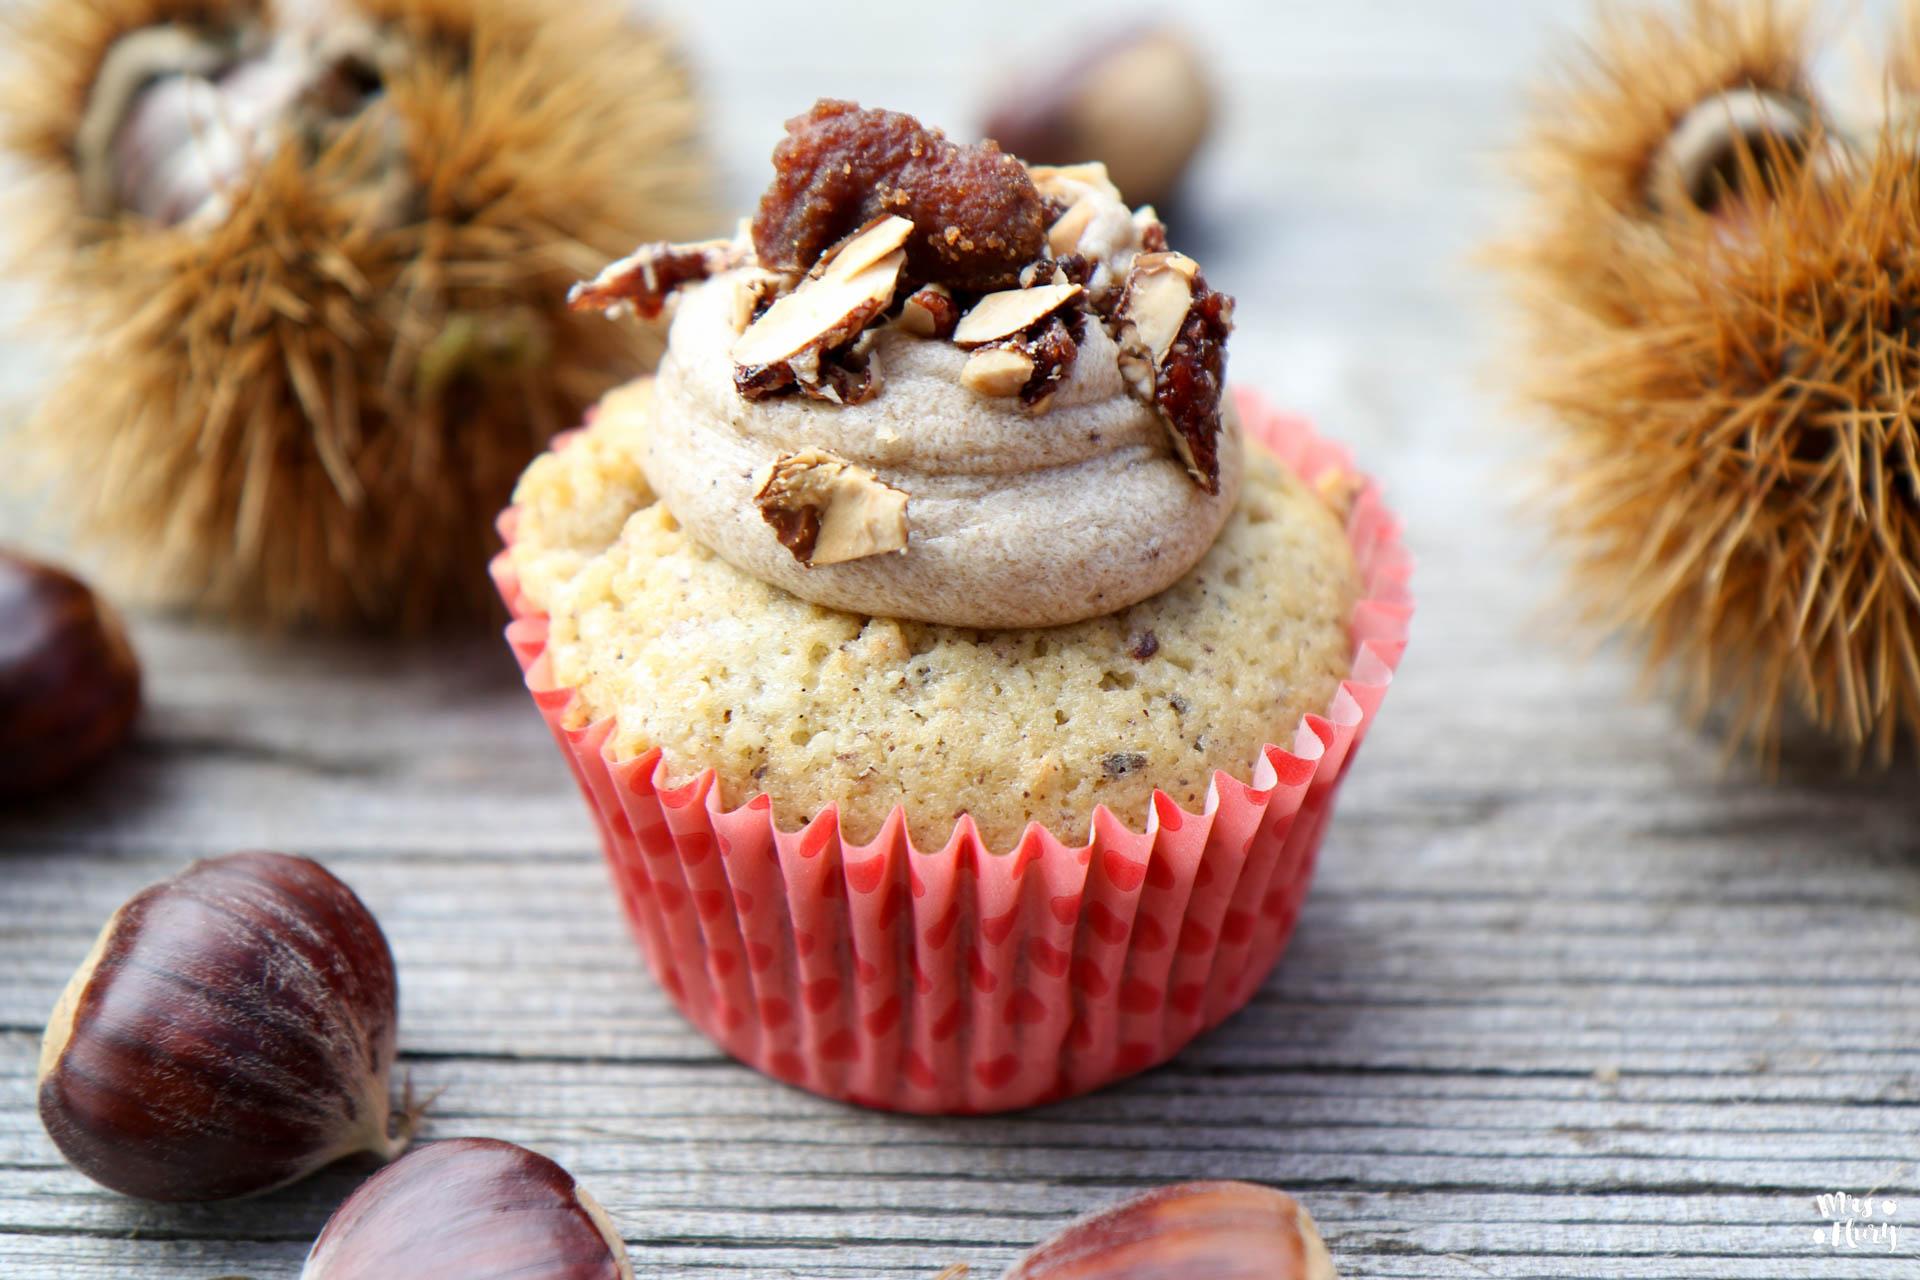 herbschtmaess-cupcake-1-von-1